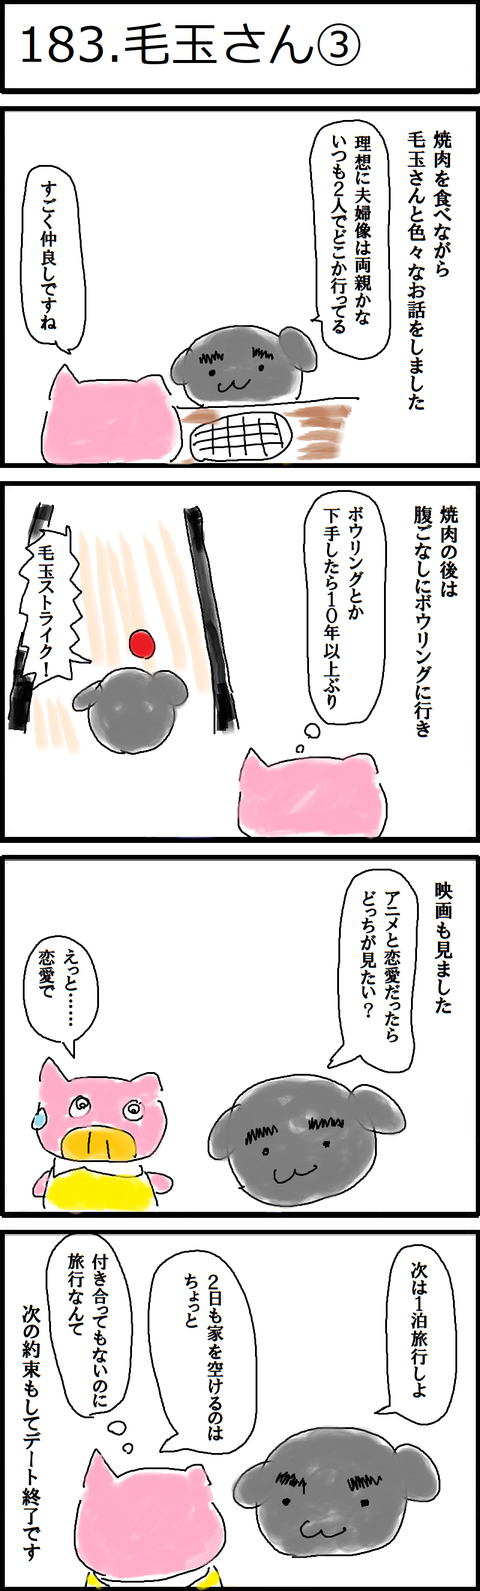 183.毛玉さん③